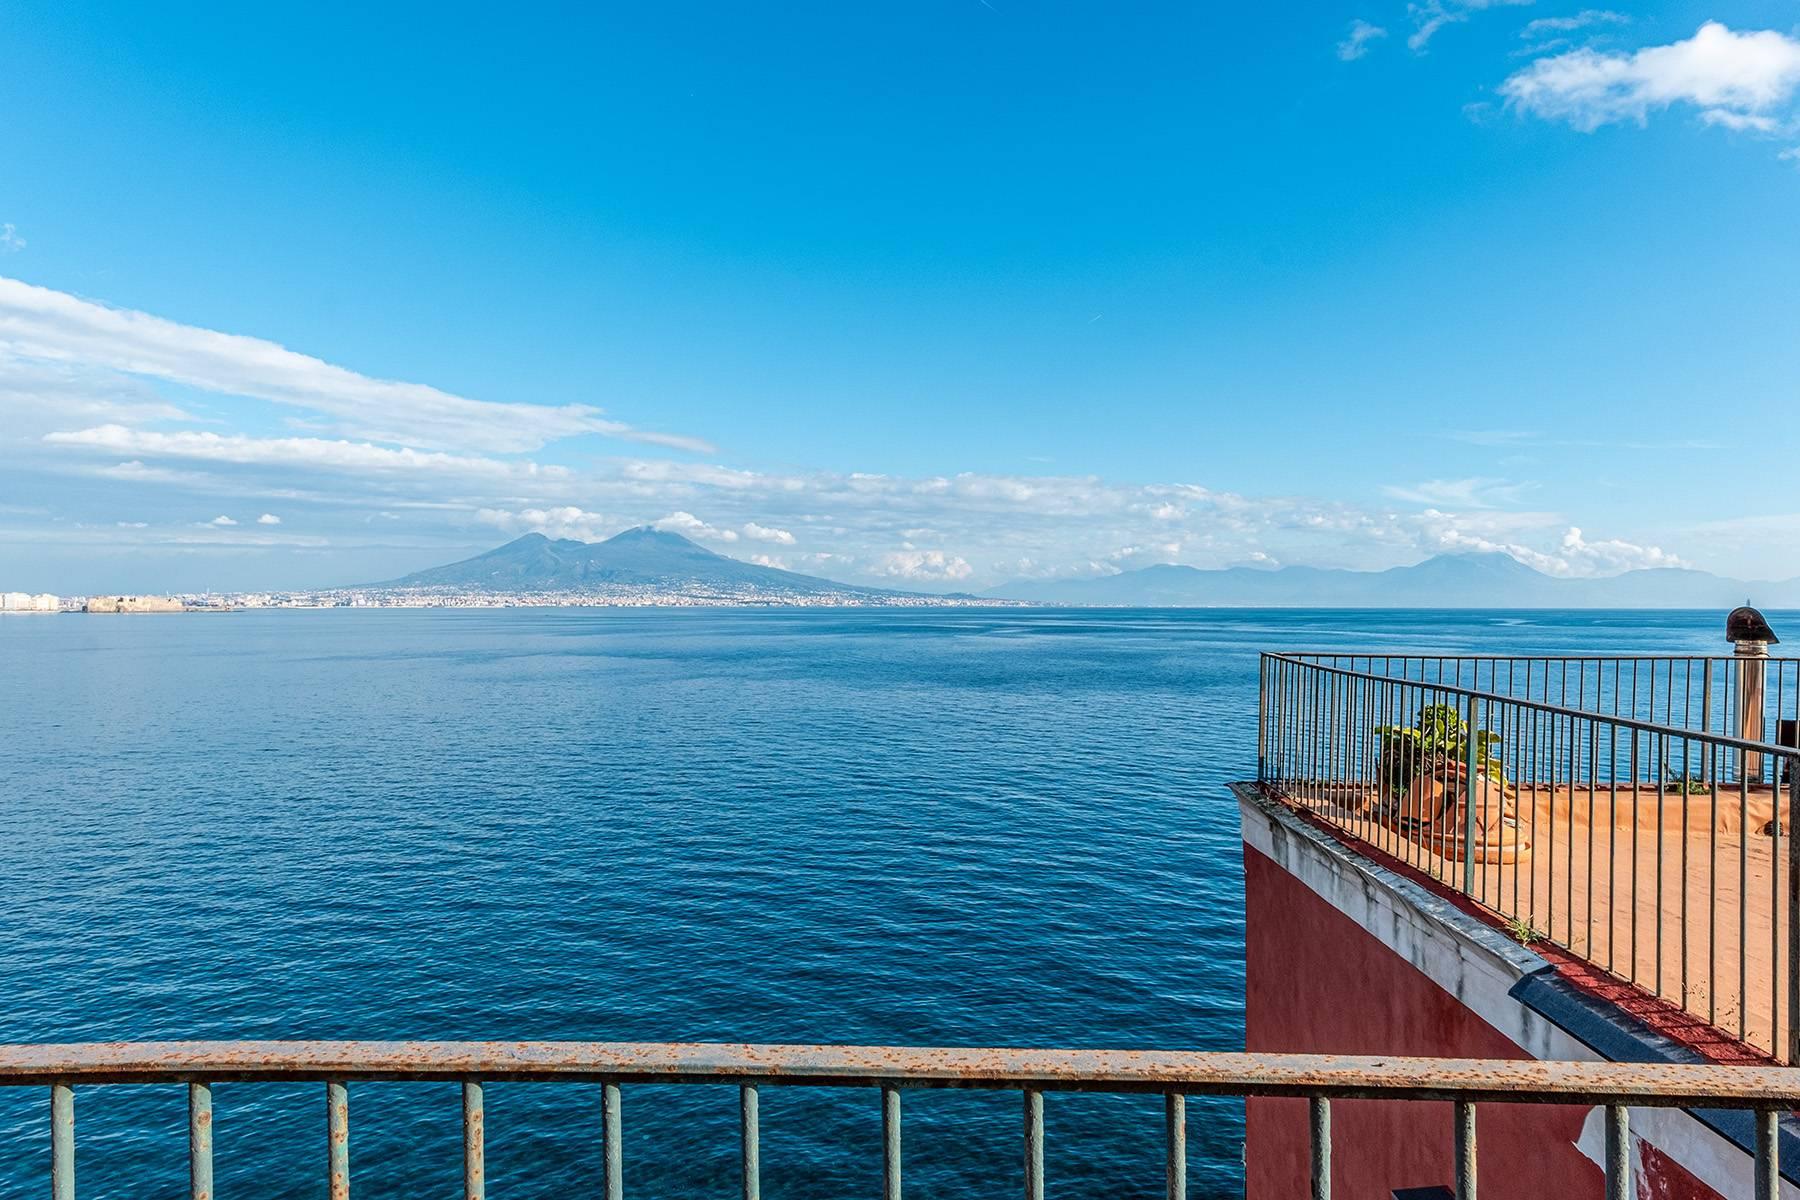 Attico in Vendita a Napoli: 5 locali, 650 mq - Foto 25